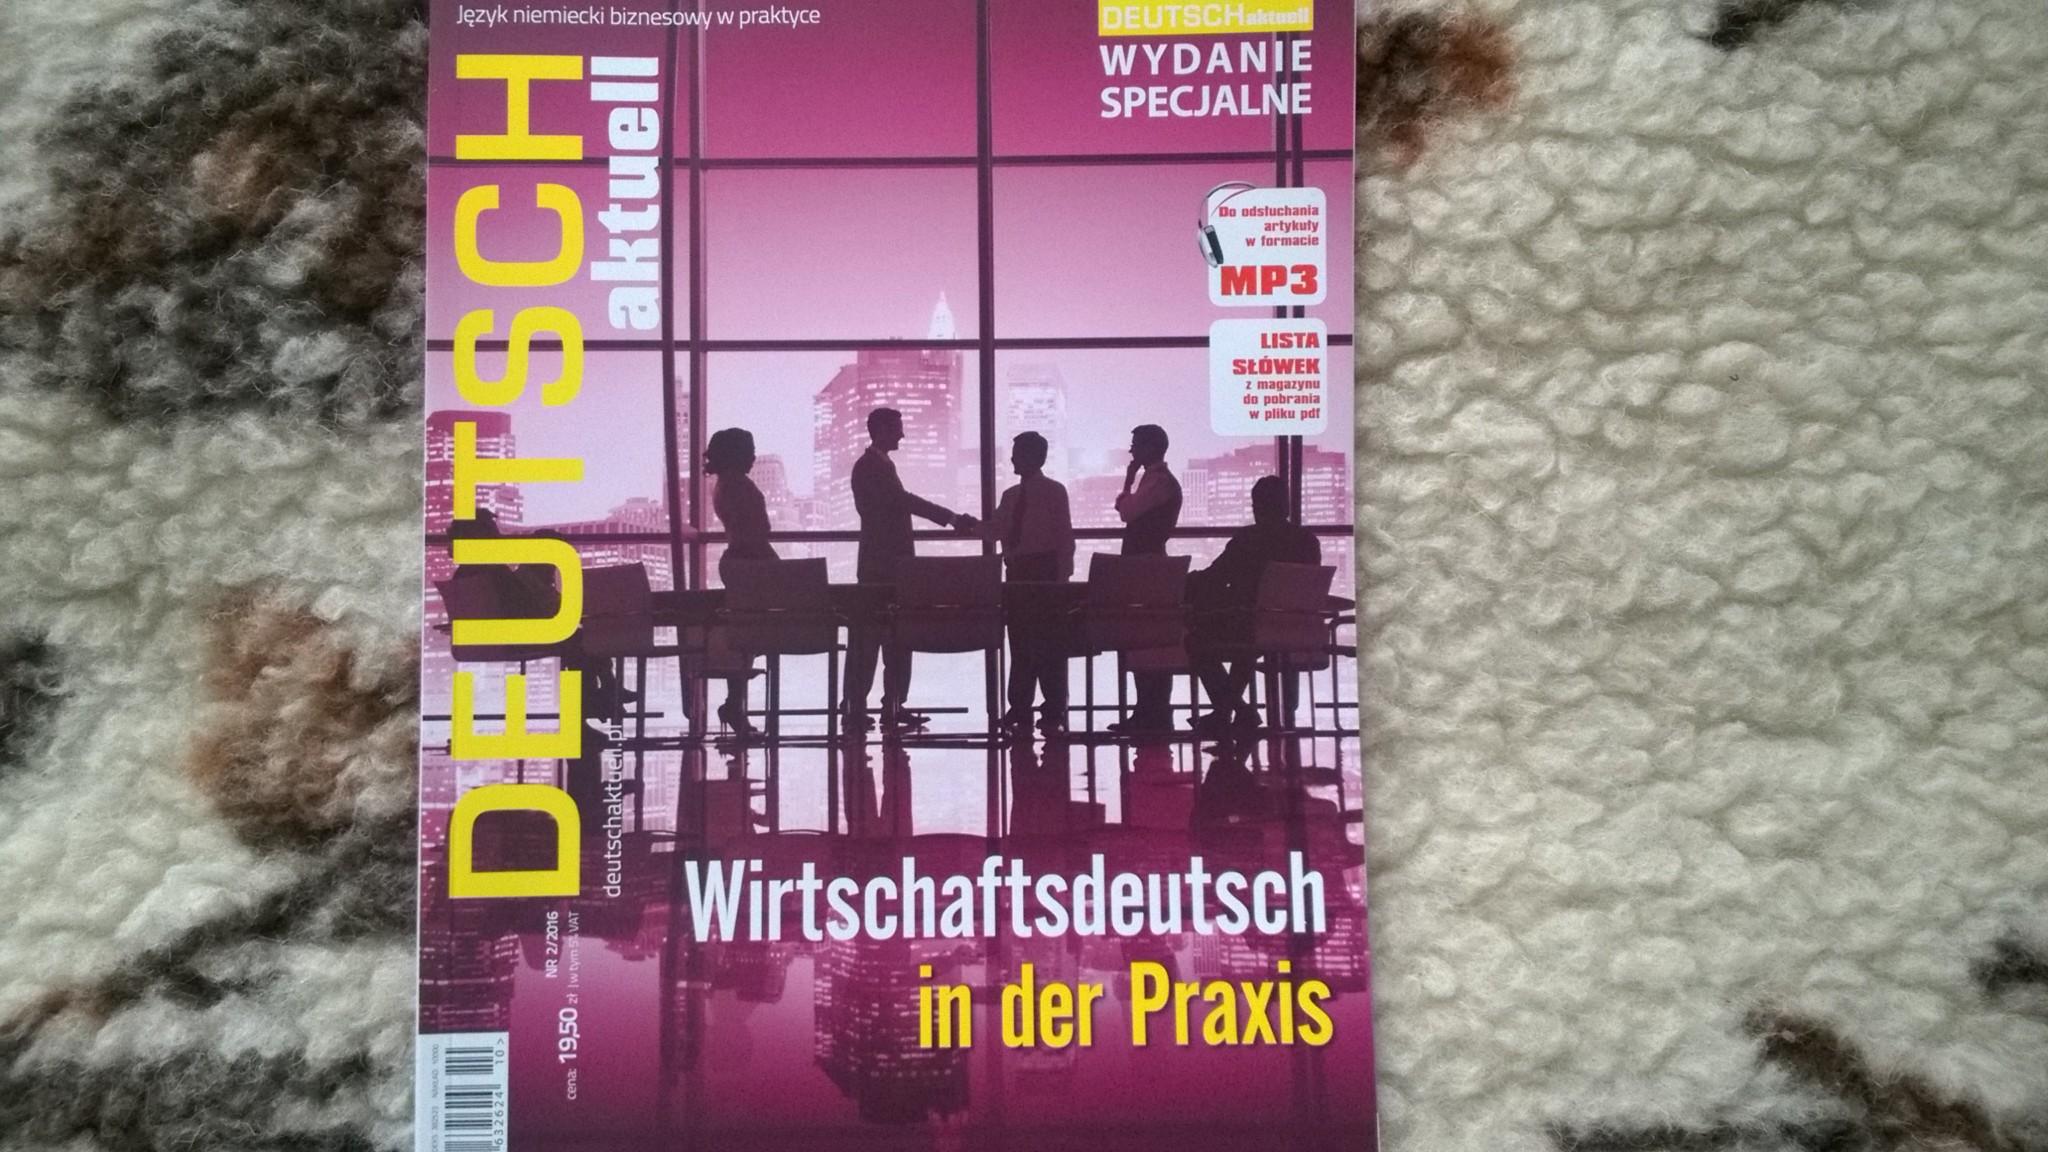 język niemiecki biznesowy